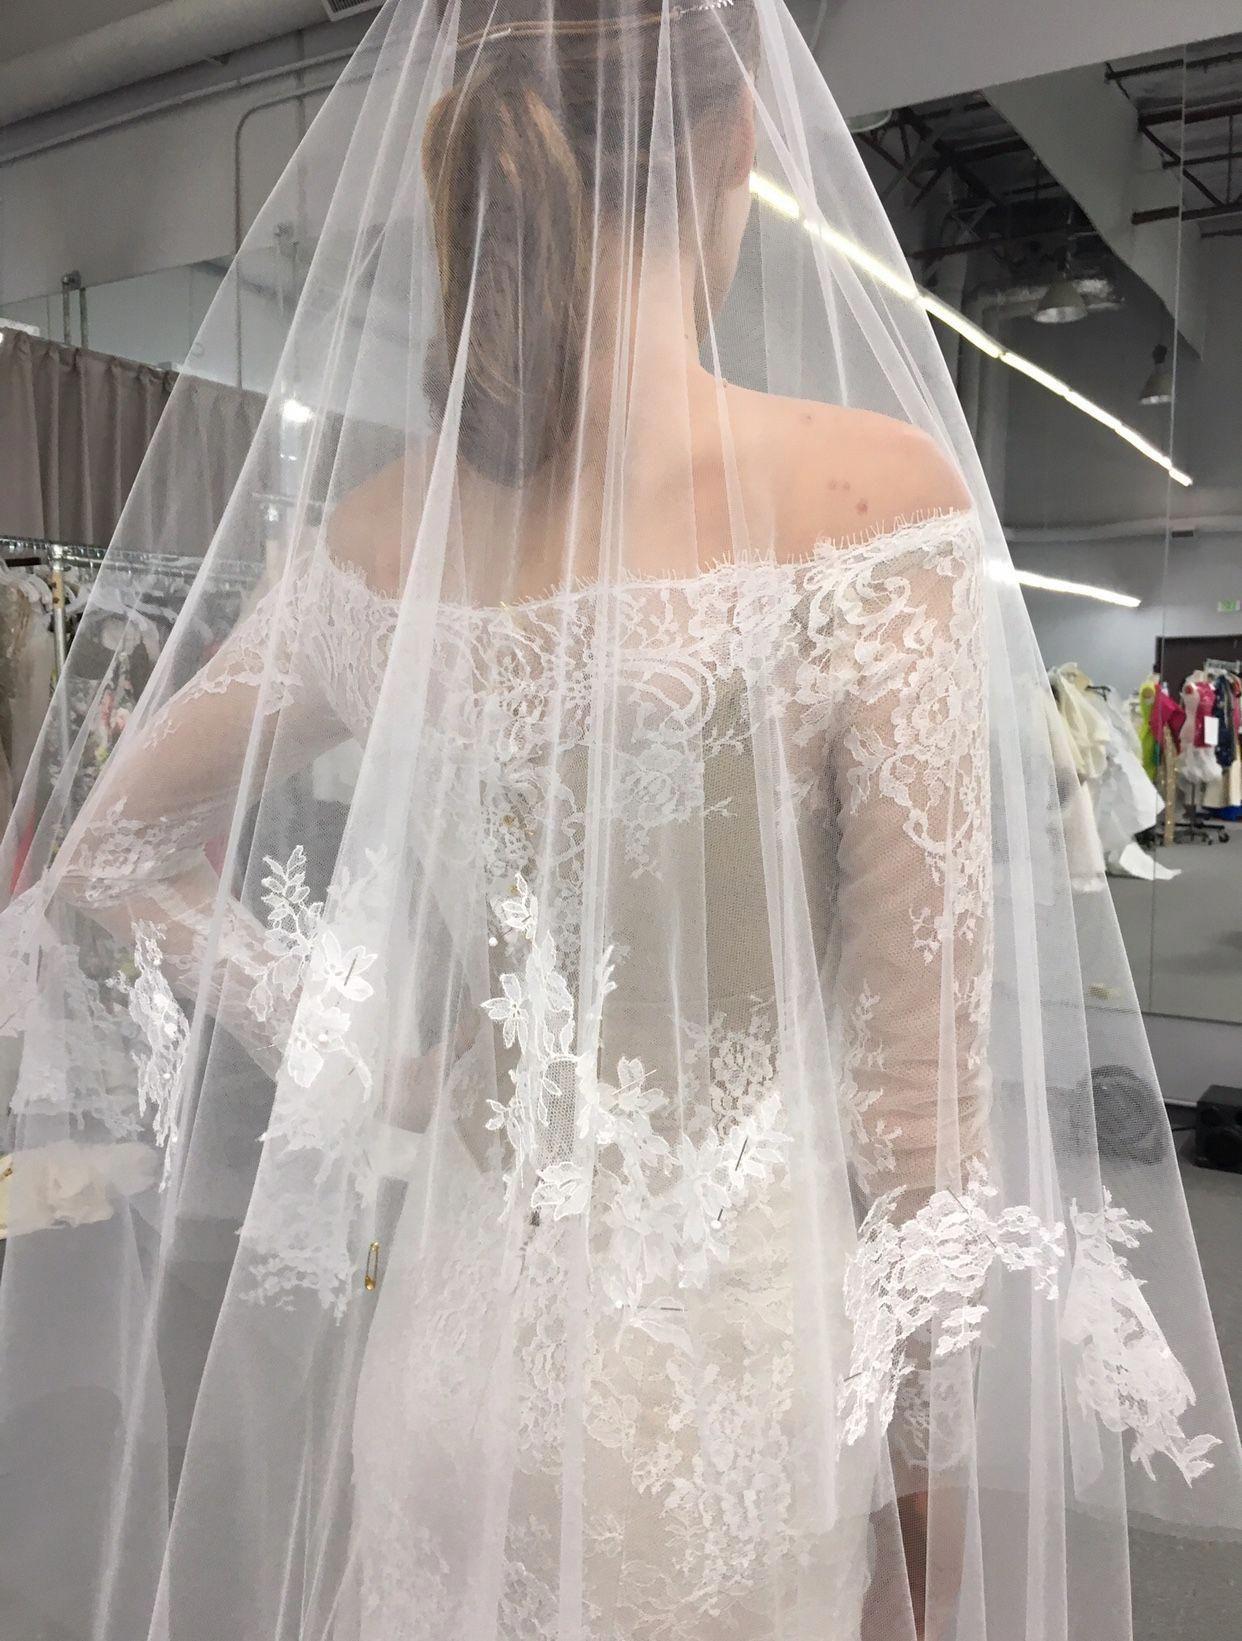 Exclusive The Designer Behind Anastasia S Fifty Shades Wedding Dress Tells All Harpersbazaar C Wedding Dresses Grey Wedding Dress Designer Wedding Dresses [ 1641 x 1242 Pixel ]